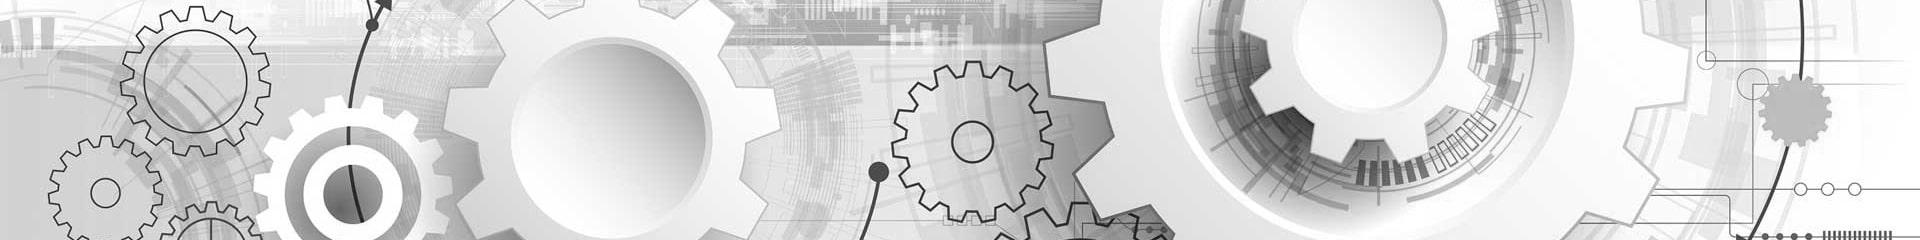 Isıtma Sisteminde Islak Rotorlu Veya Kuru Rotorlu Pompa Seçiminin Avantajları